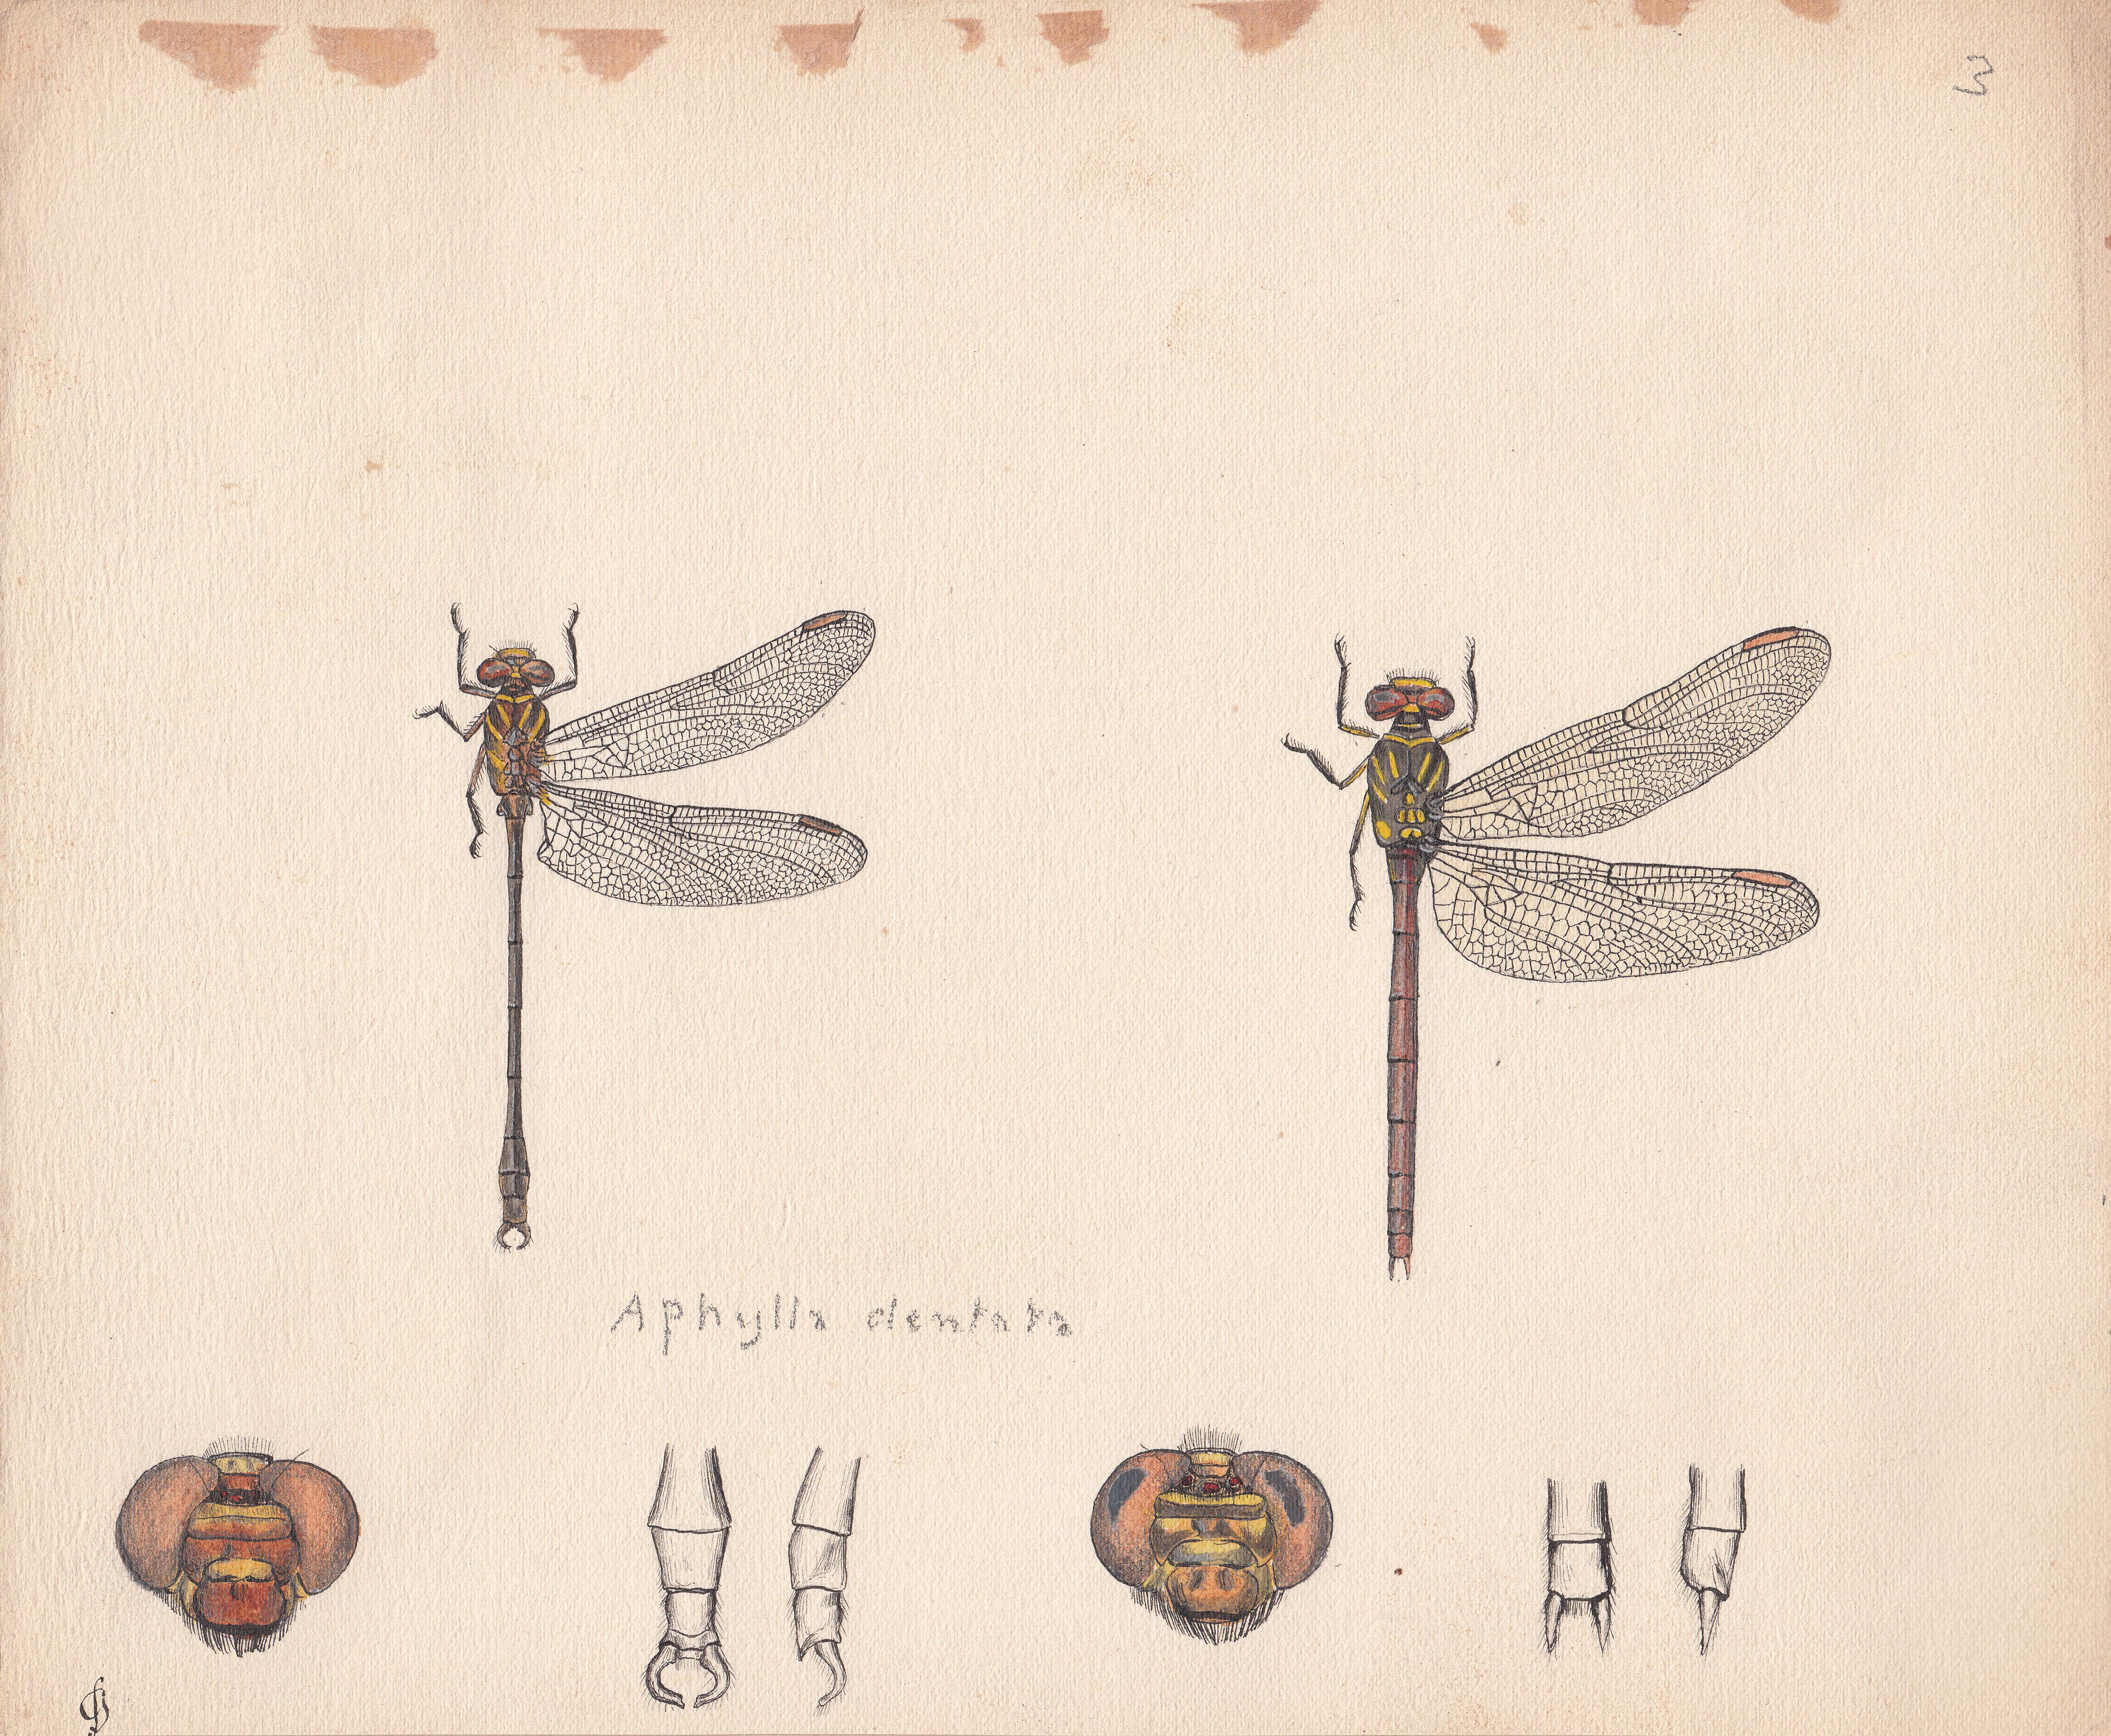 Aphylla dentata.jpg